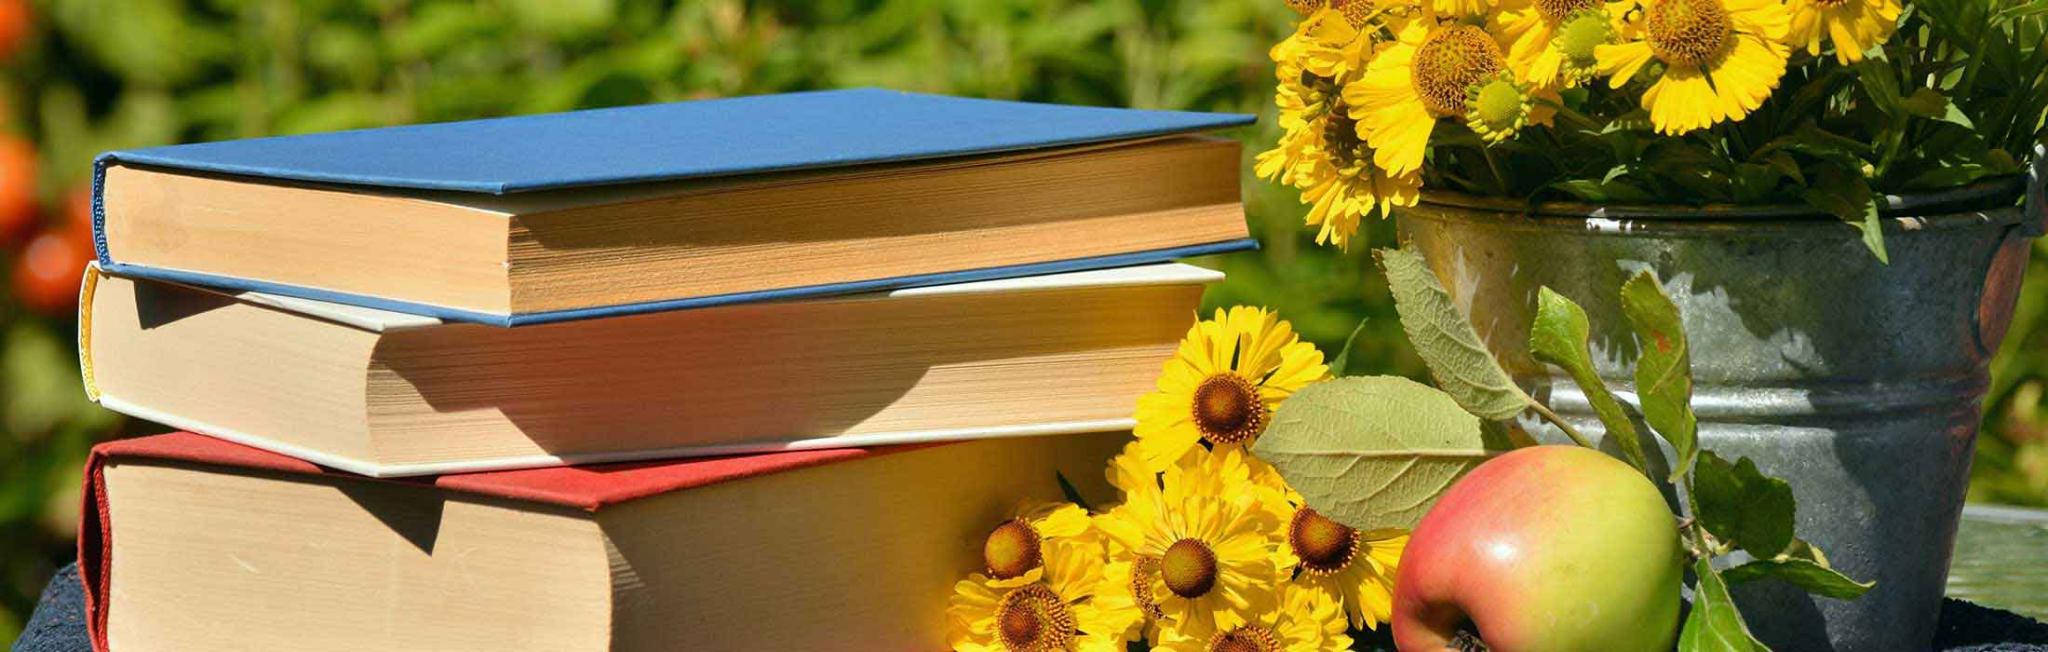 Onlineshop mit Büchern und Onlinekursen